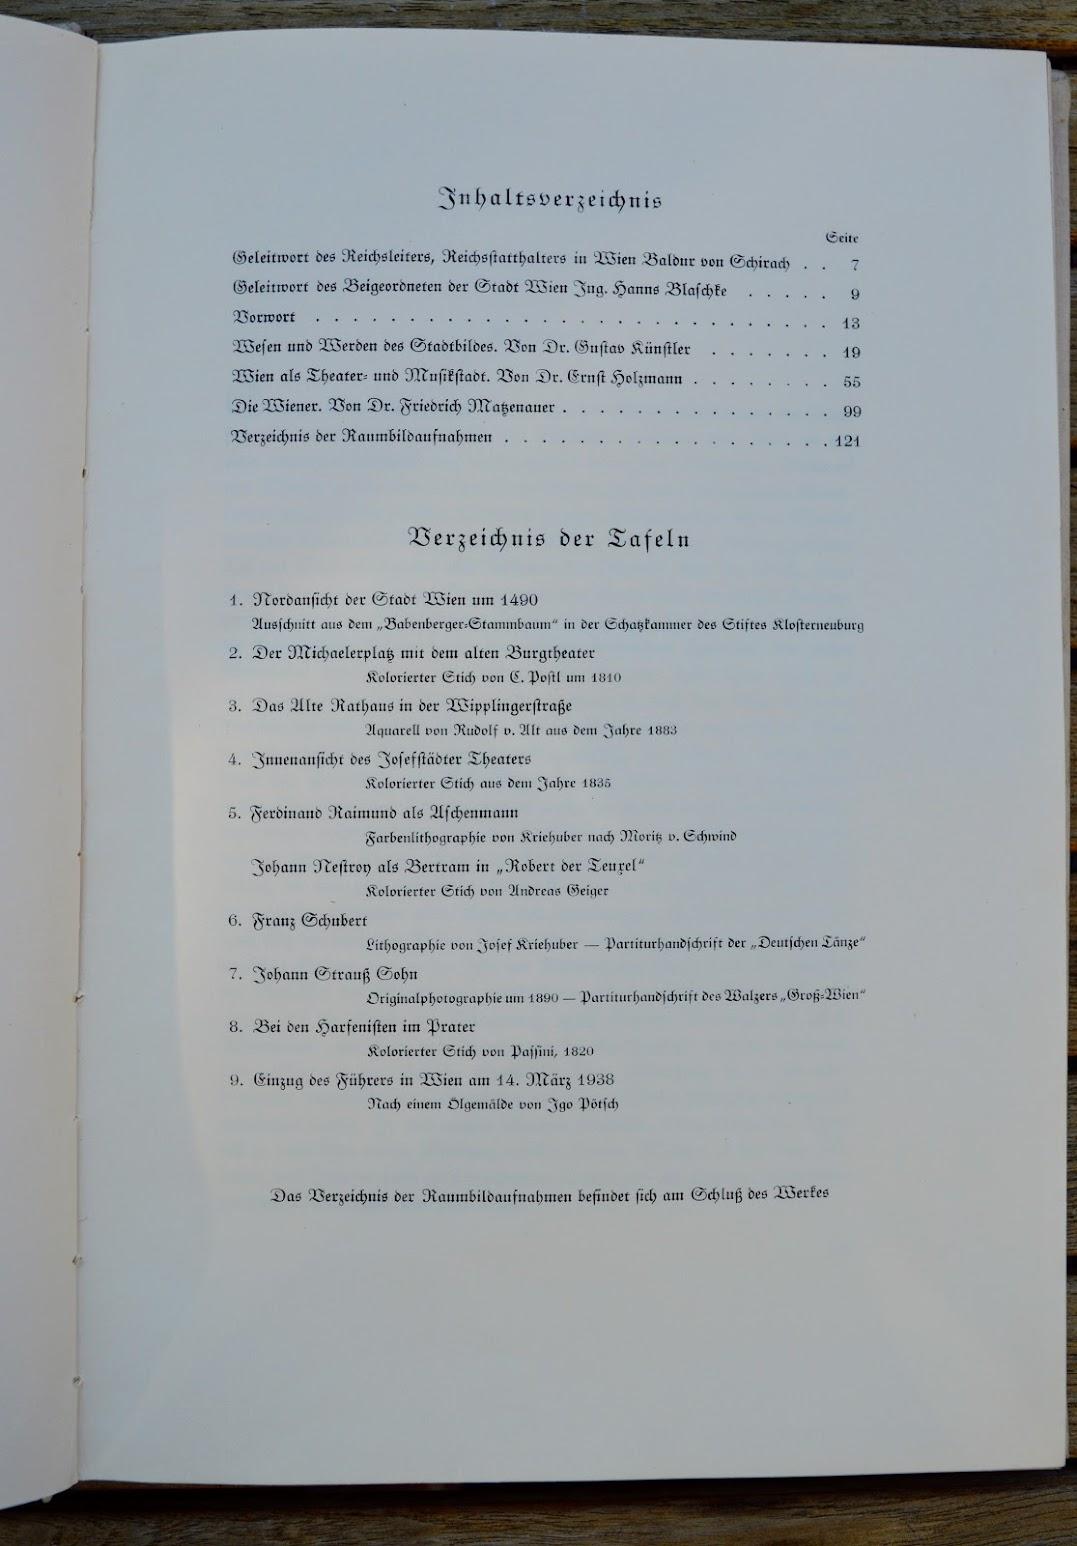 Raumbild-Album - Wien, Die Perle des Reiches - 1941